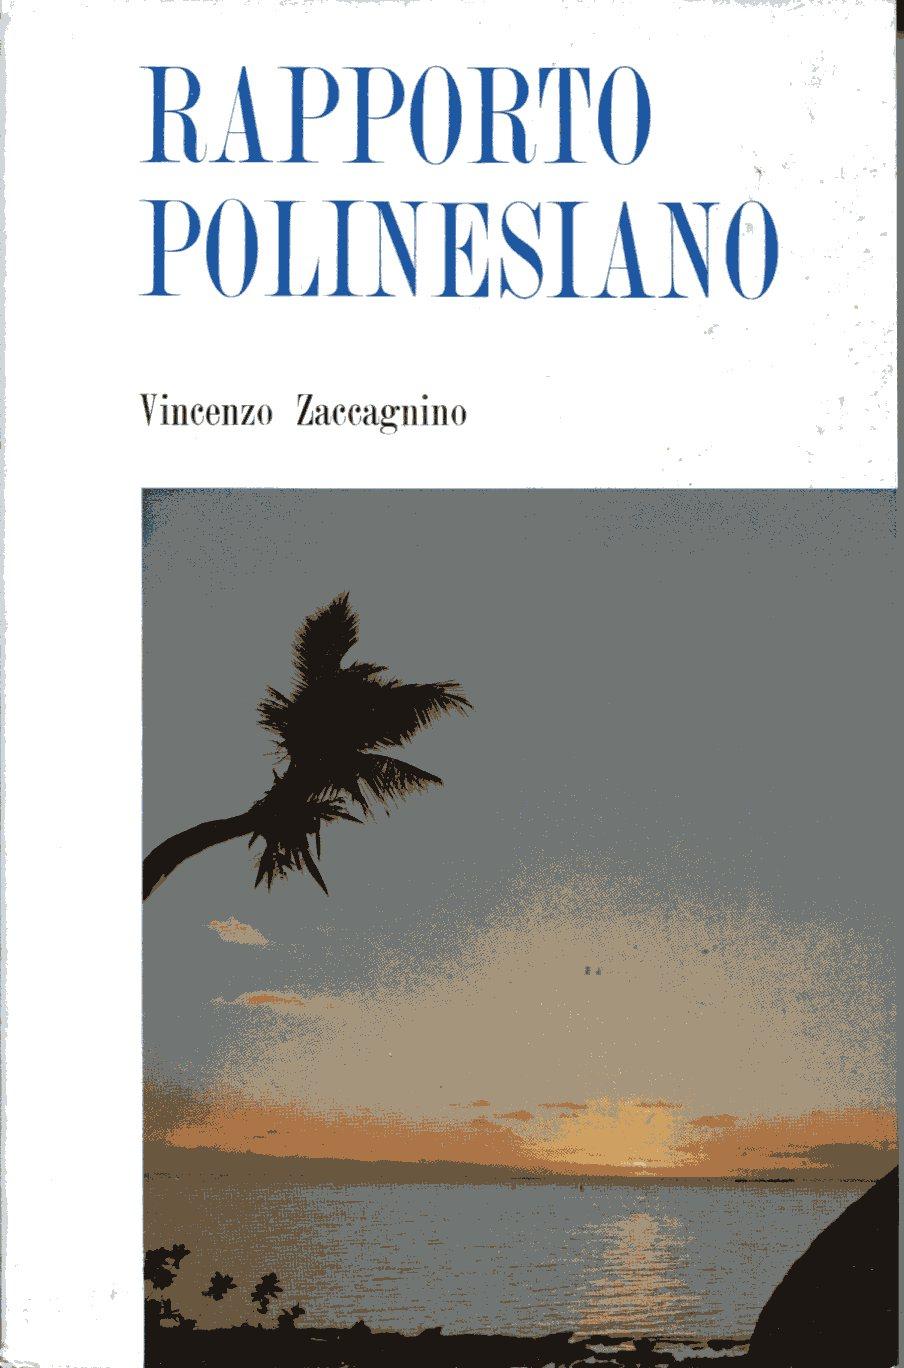 Rapporto polinesiano